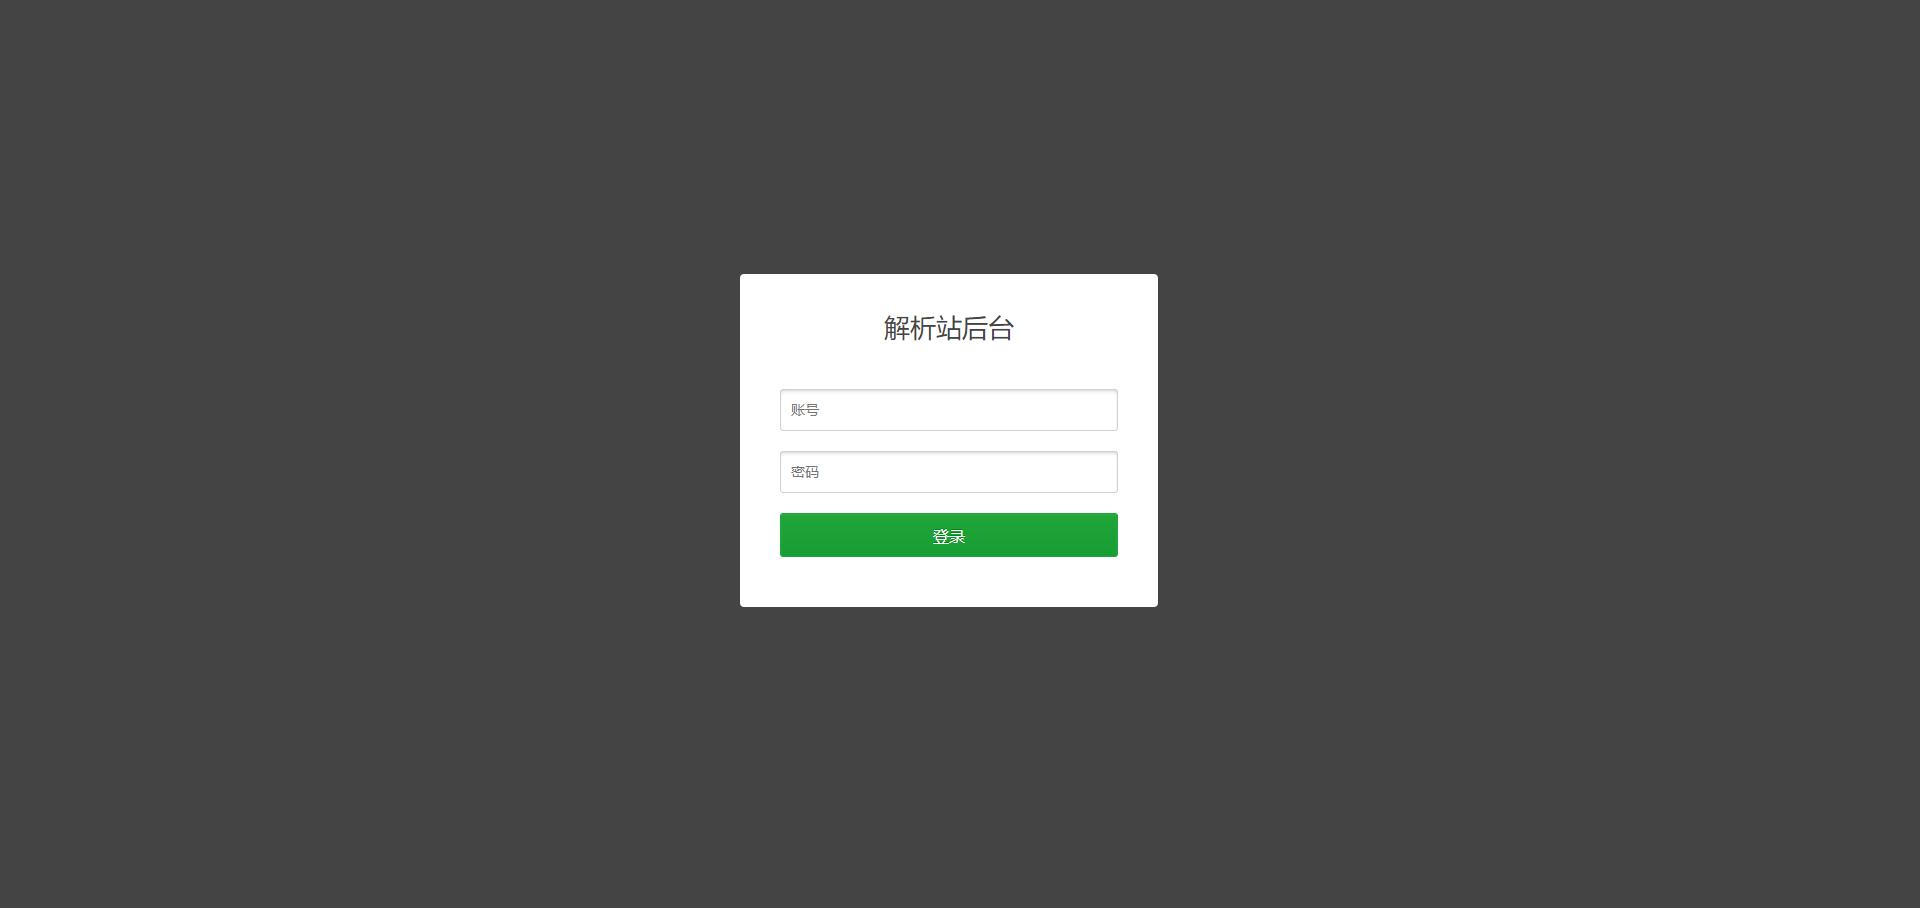 先发各大网站VIP影视解析网站源代码 单独后台管理 不用数据库查询